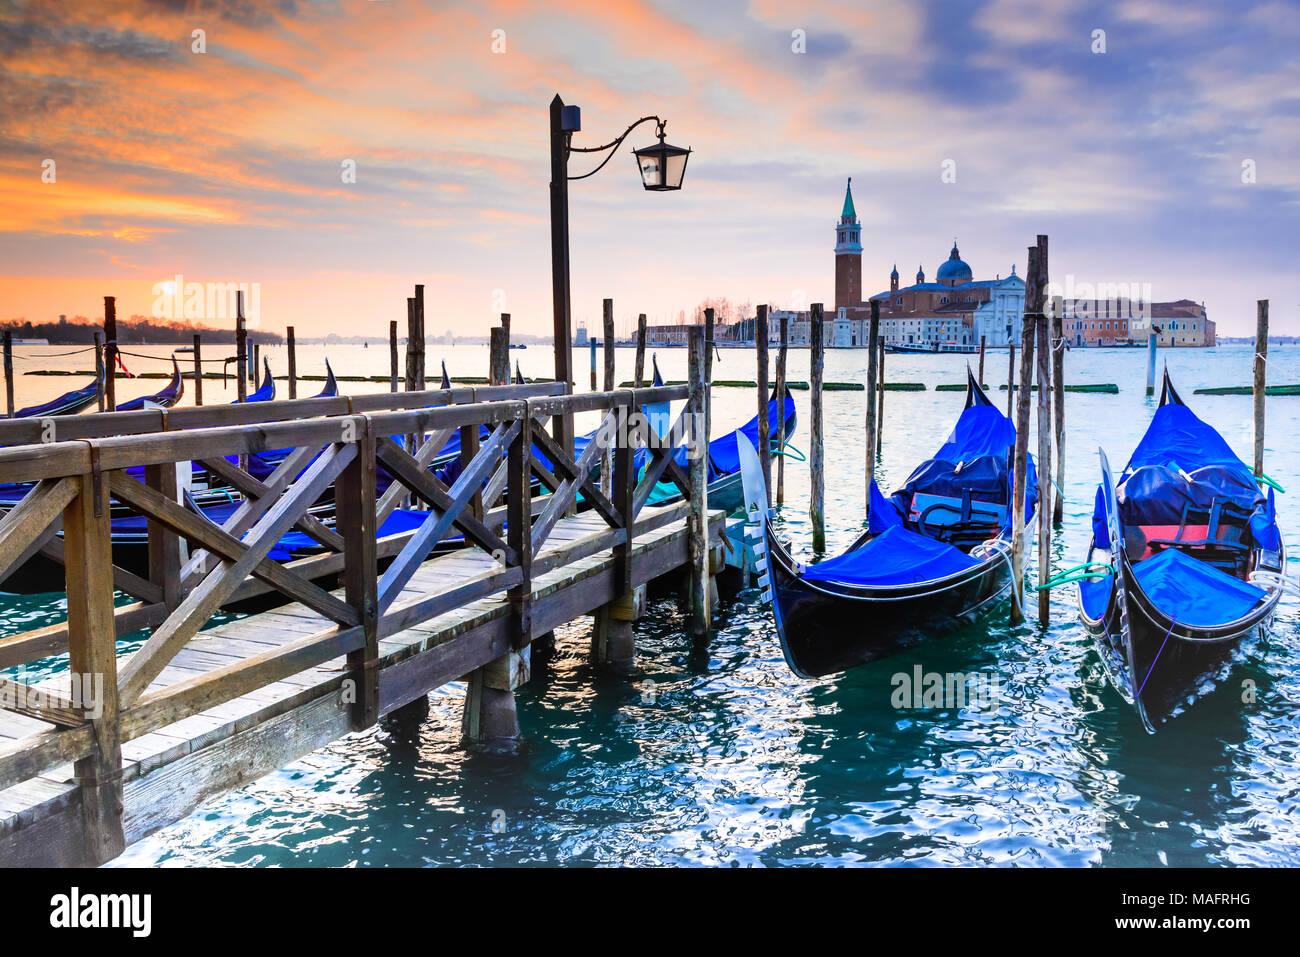 Venecia, Italia. Amanecer con las góndolas en el Gran Canal, la Piazza San Marco, el Mar Adriático. Imagen De Stock